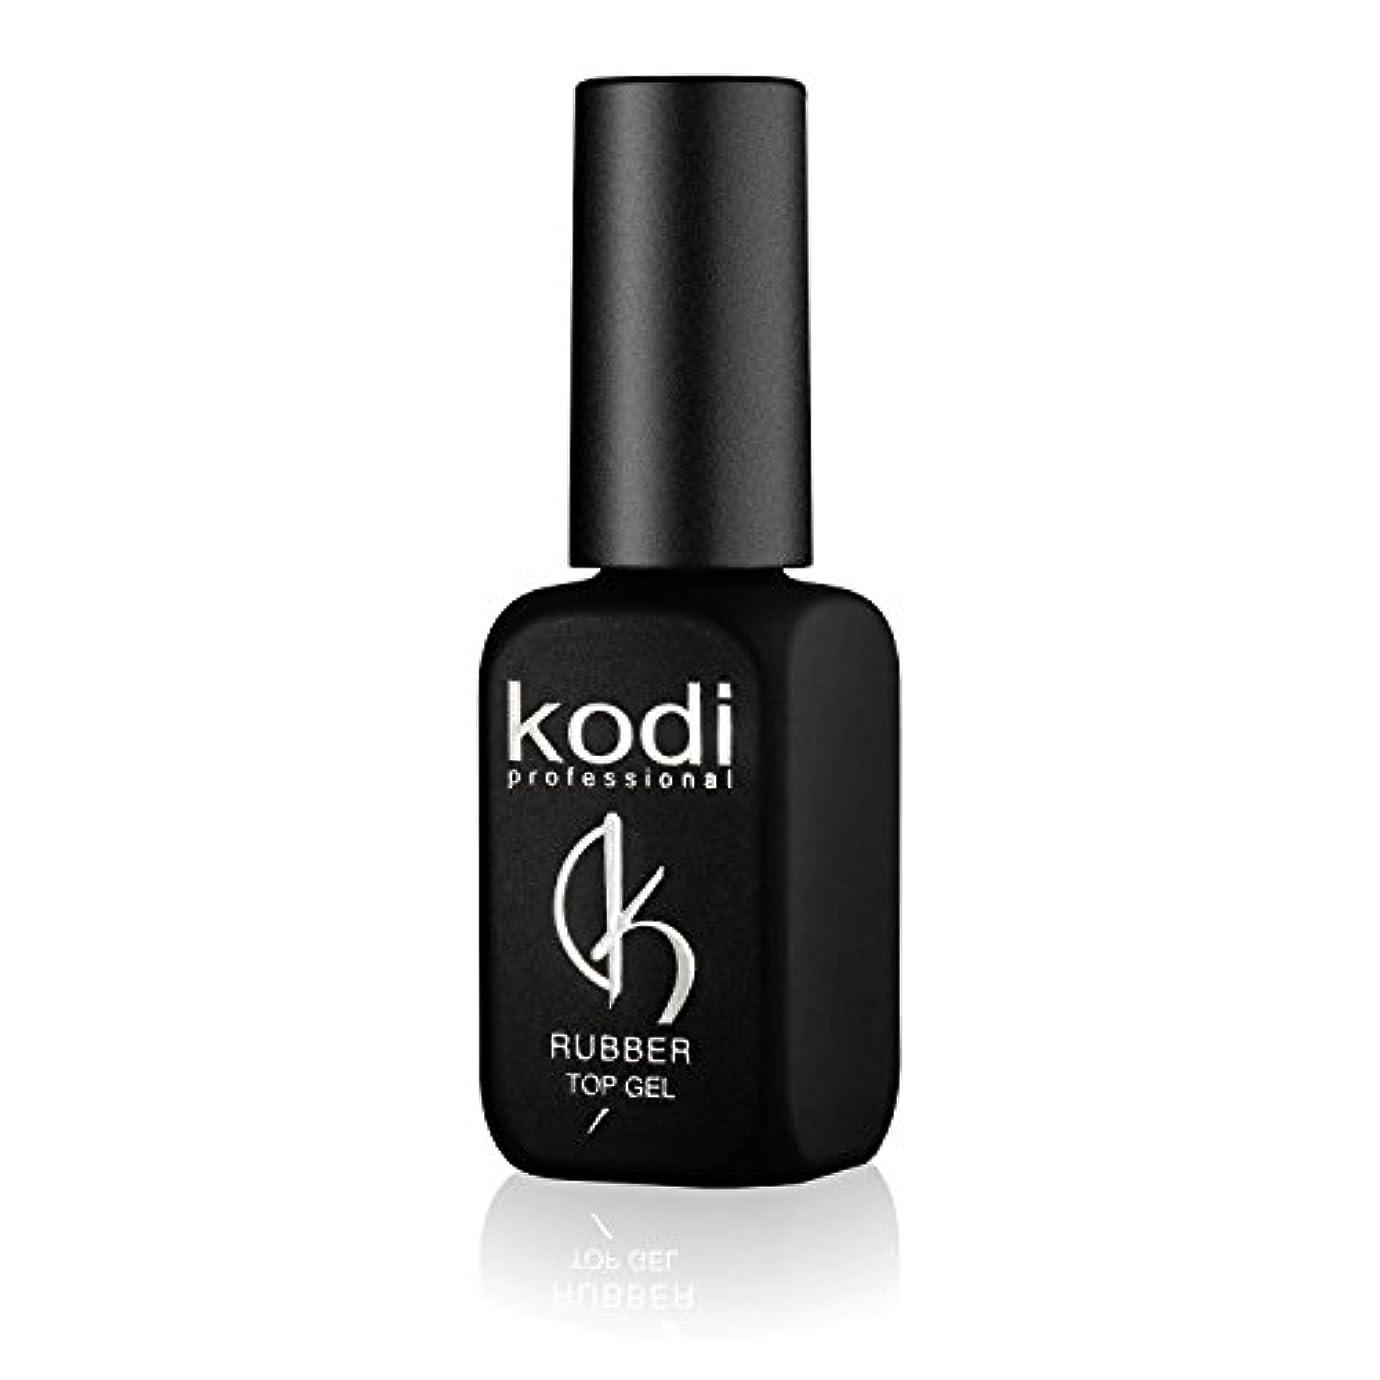 ボーダー軽シビックProfessional Rubber Top Gel By Kodi | 12ml 0.42 oz | Soak Off, Polish Fingernails Coat Gel | For Long Lasting...